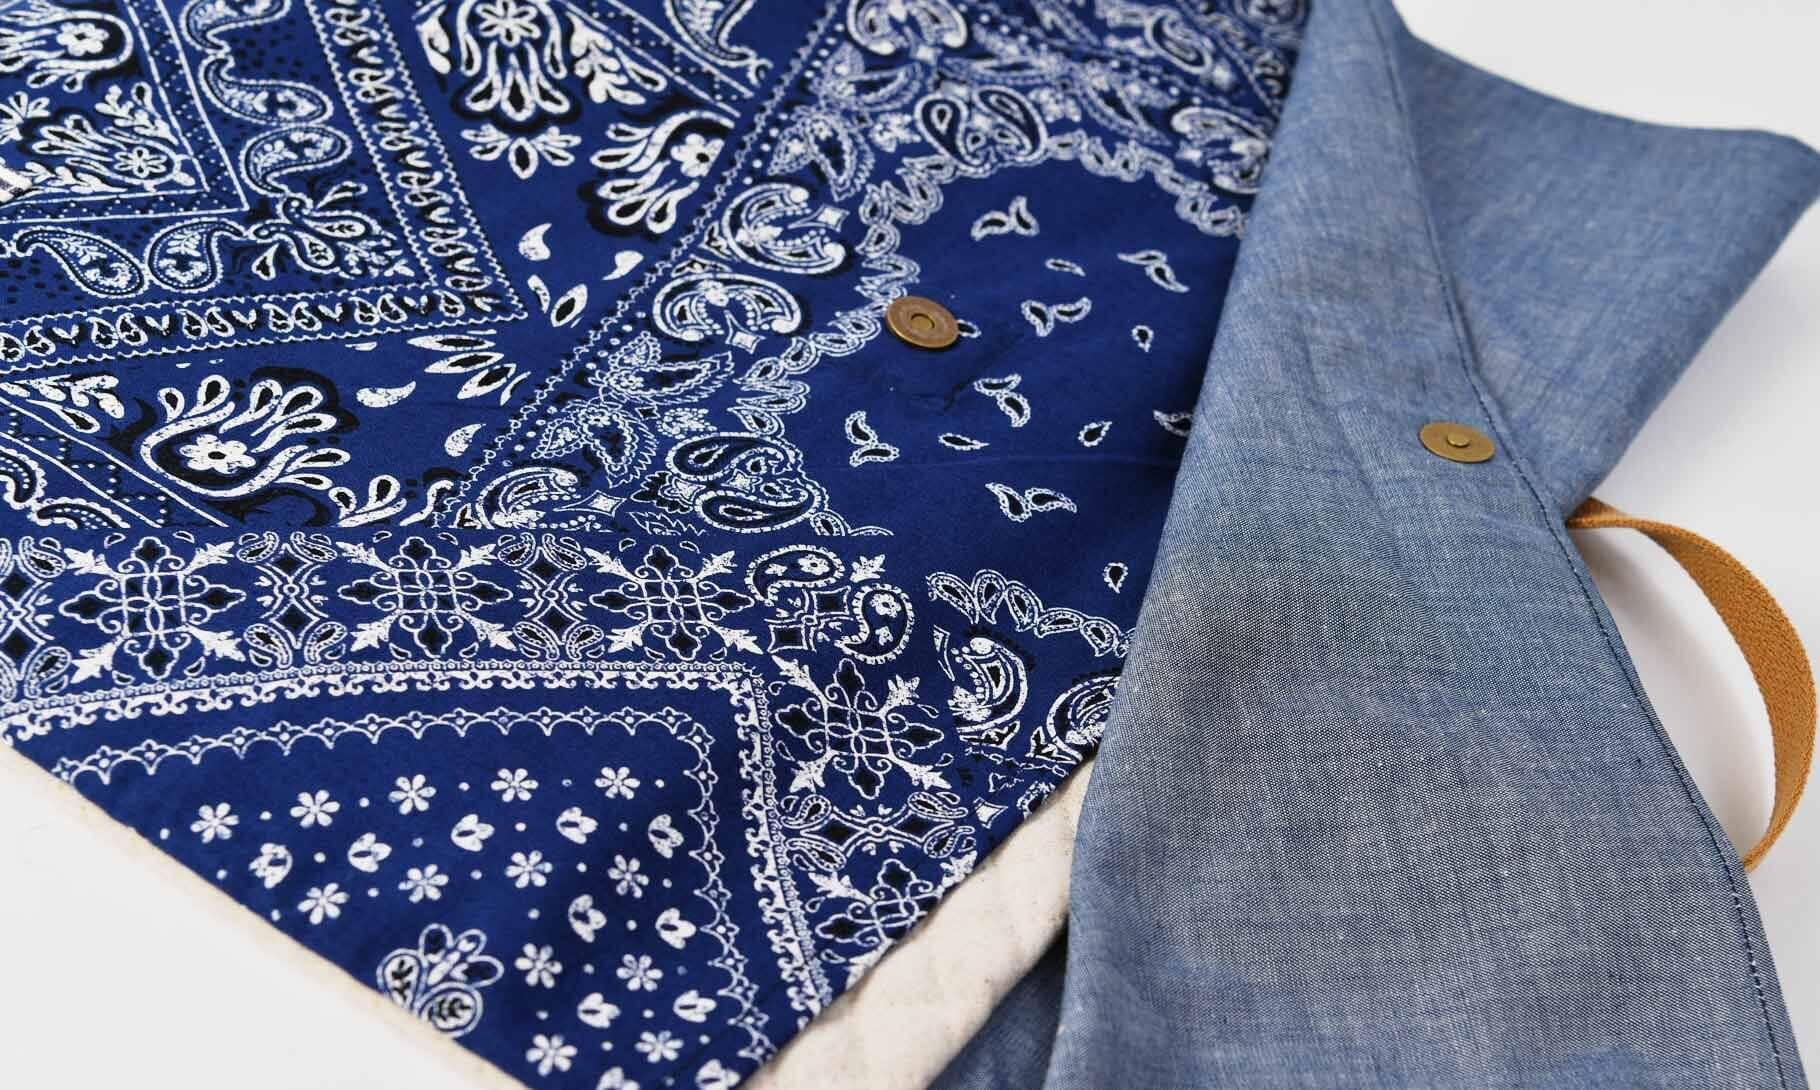 防災頭巾カバー(バンダナブルー、タンガリー)フタ部分